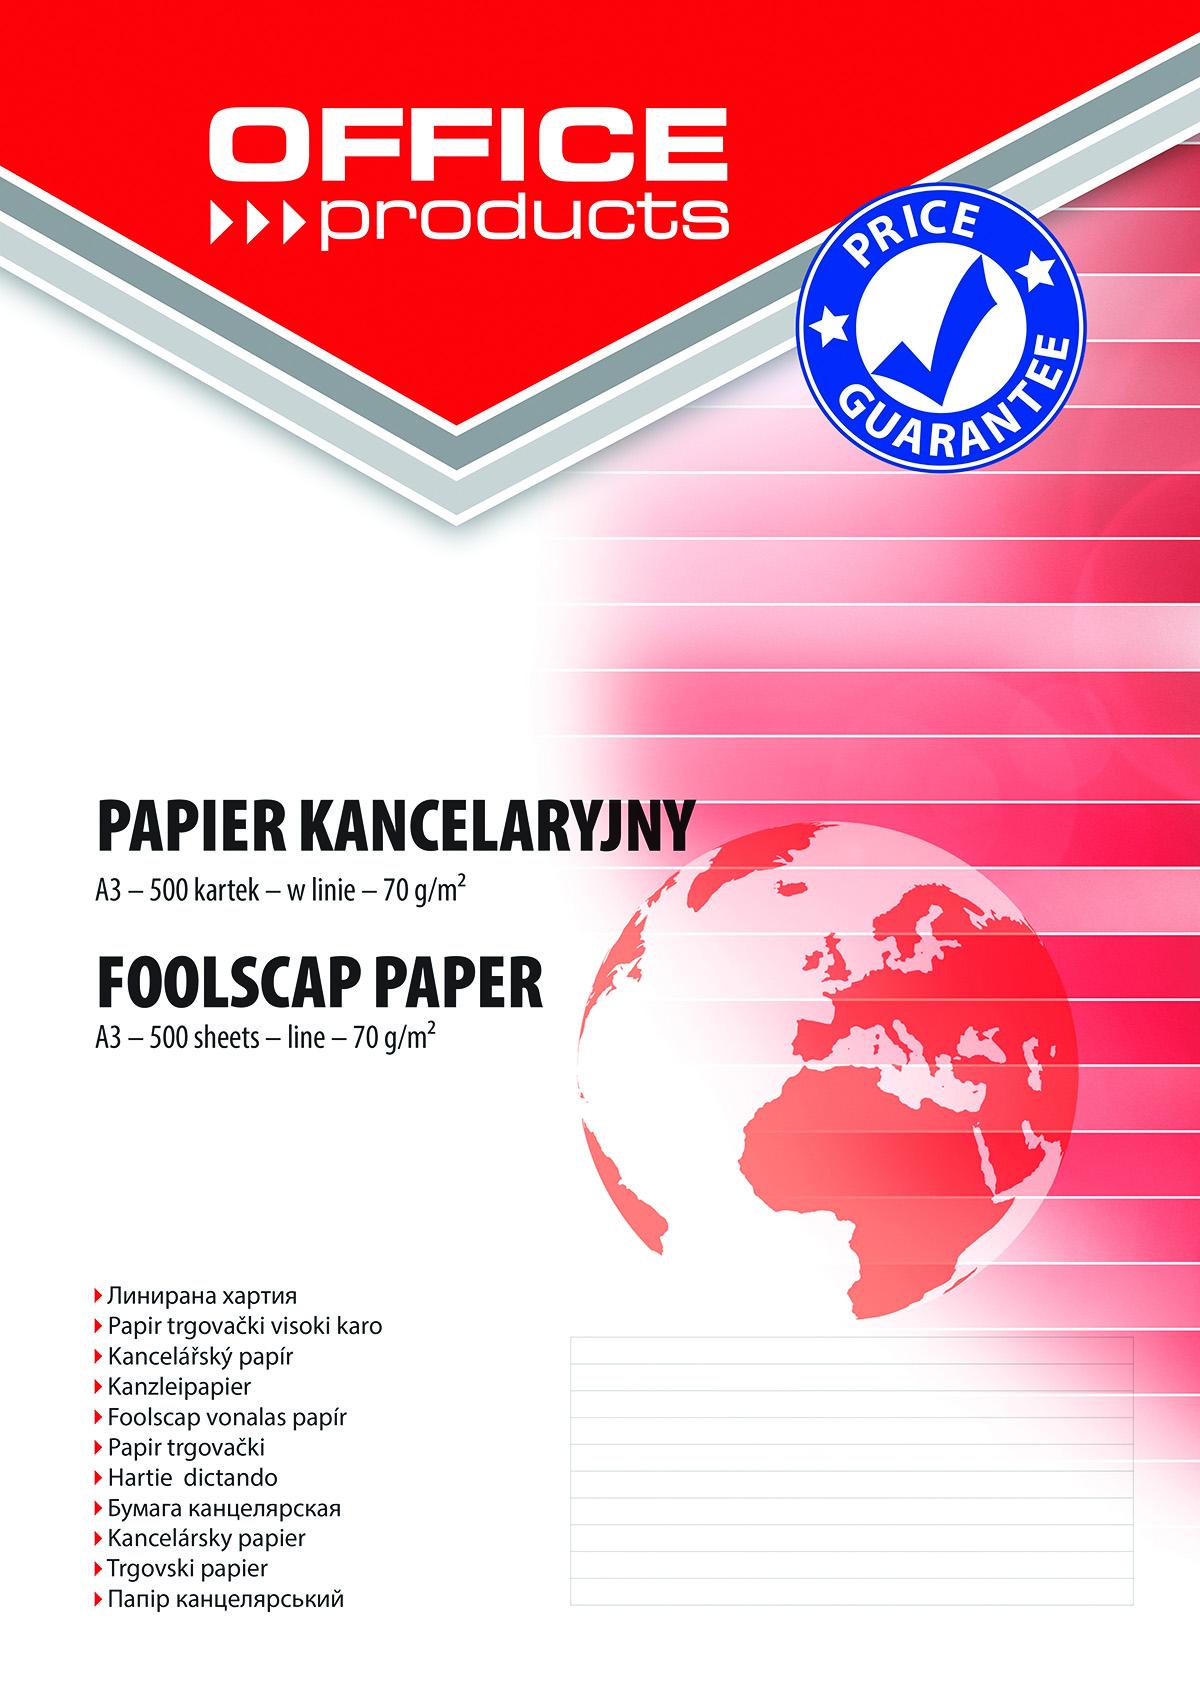 Papier kancelaryjny OFFICE PRODUCTS, w linie, A3, 500ark. - PBS ...